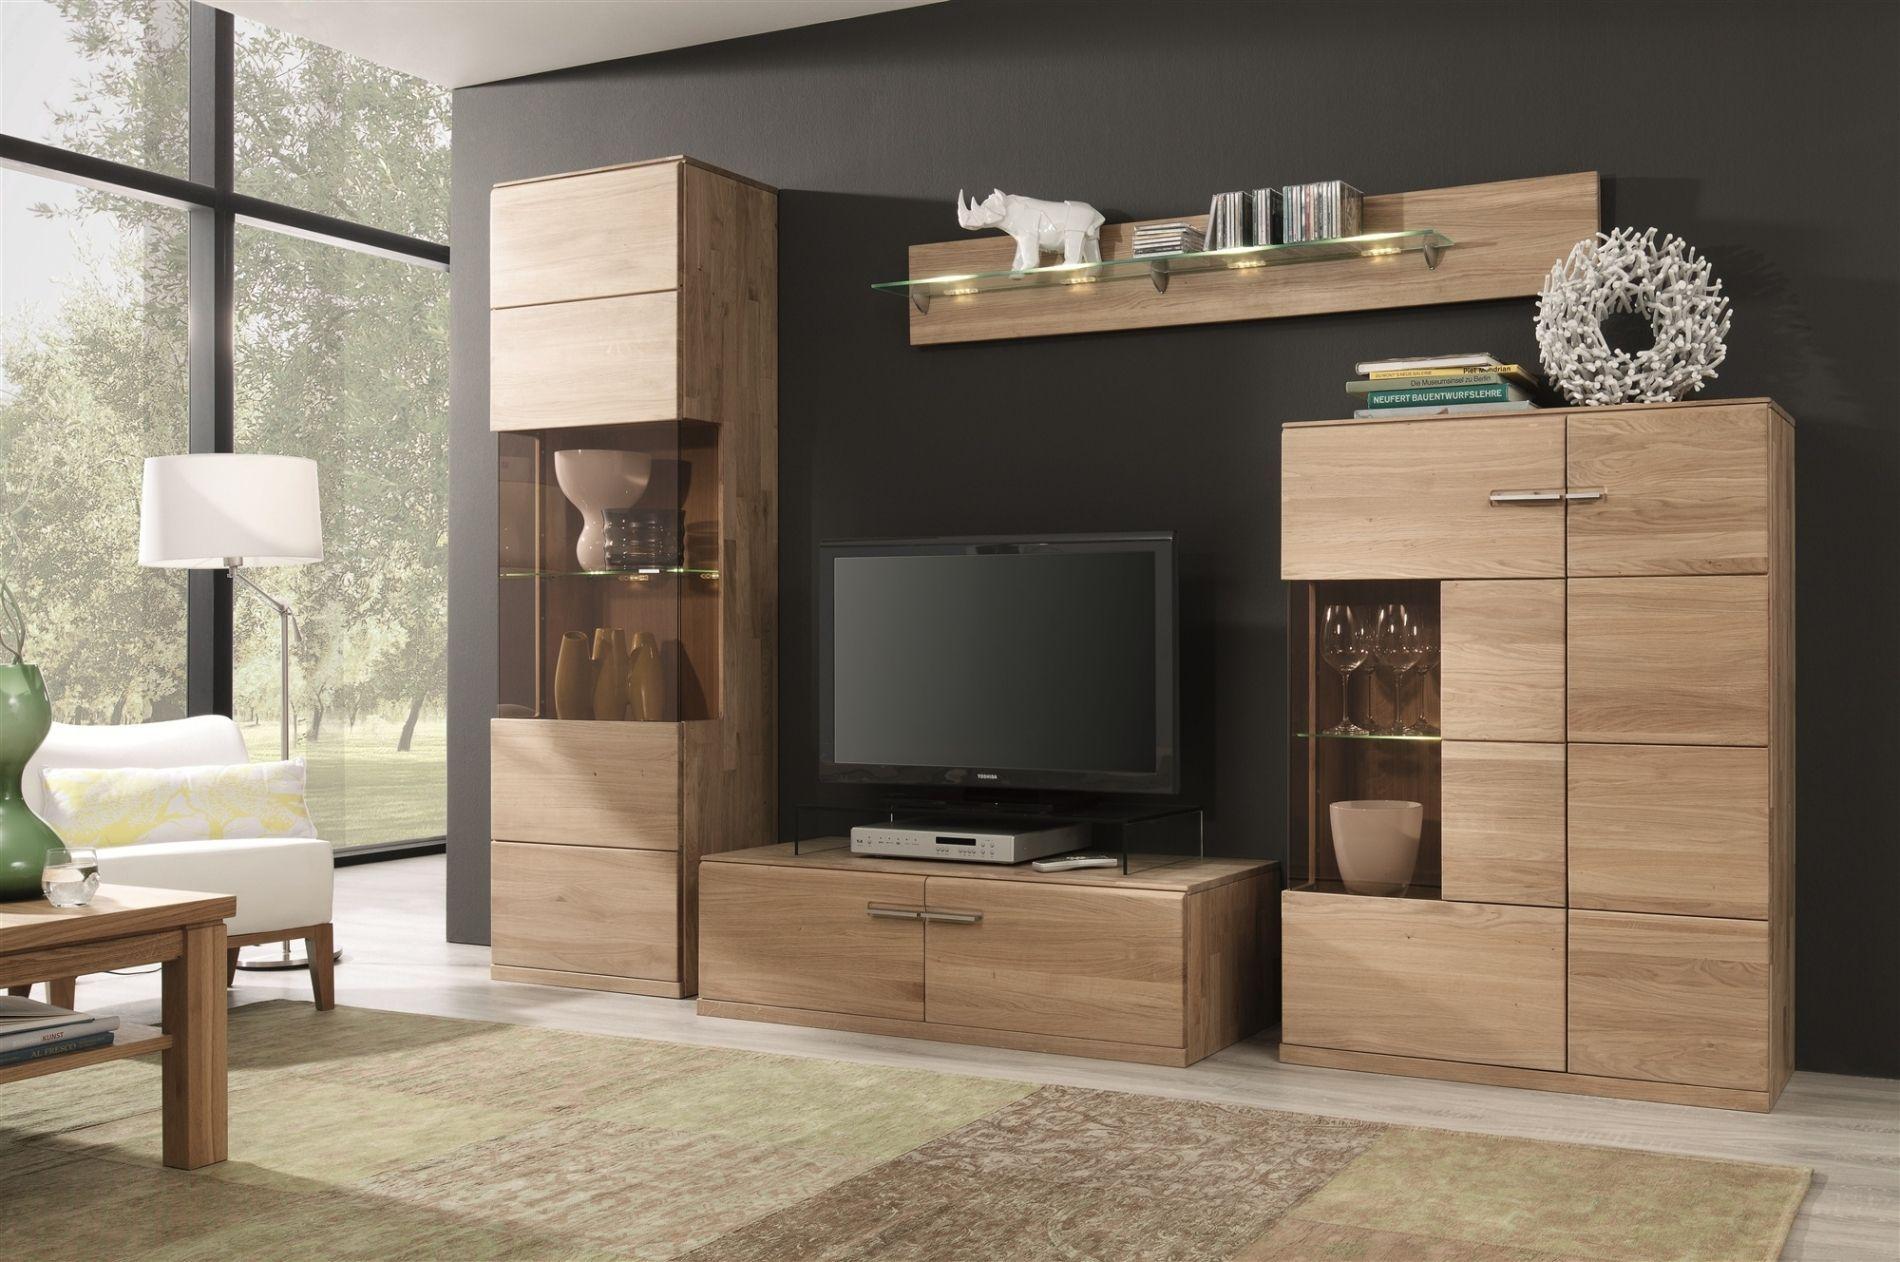 Wohnzimmermöbel Massiv ~ Neueste wohnzimmermöbel massiv wohnzimmermöbel